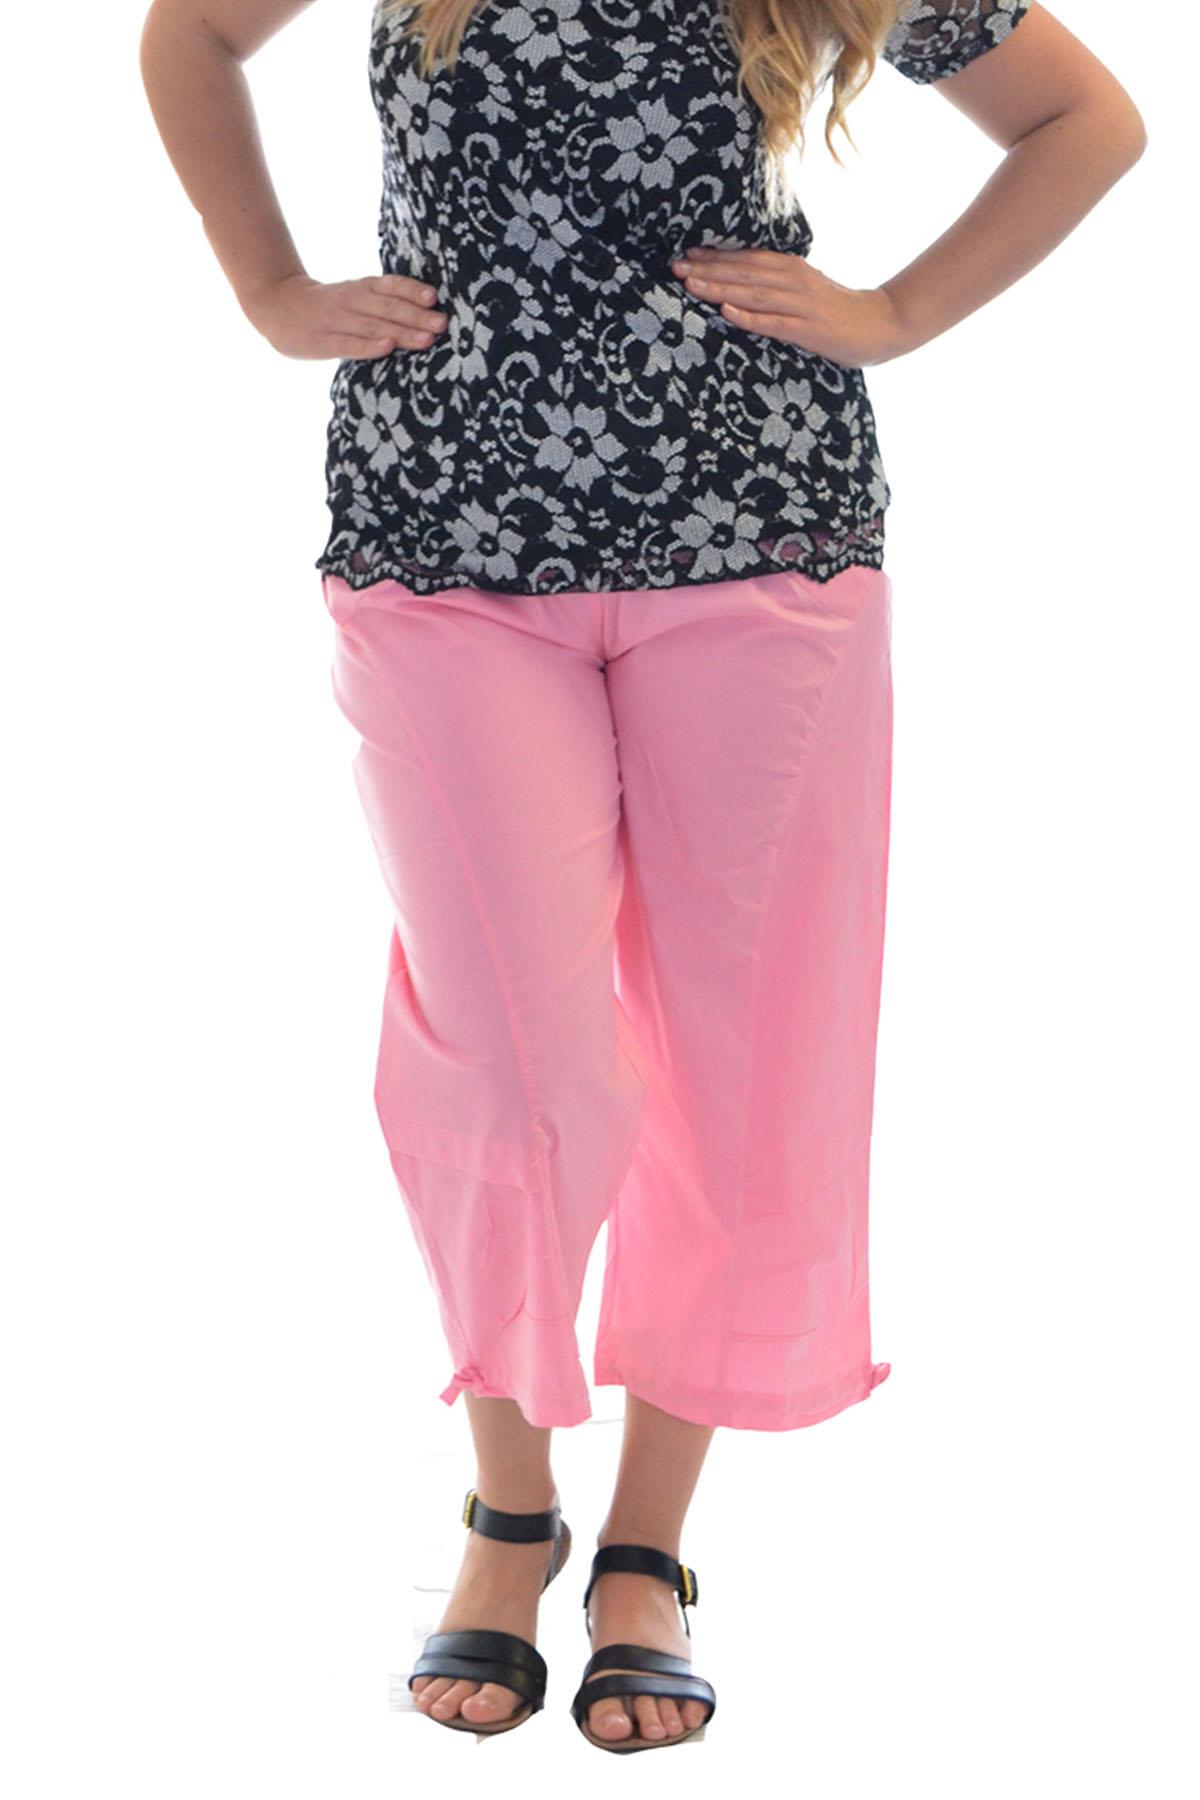 femmes tondu un pantalon coton lastique corsaire pantalon t plus de taille ebay. Black Bedroom Furniture Sets. Home Design Ideas